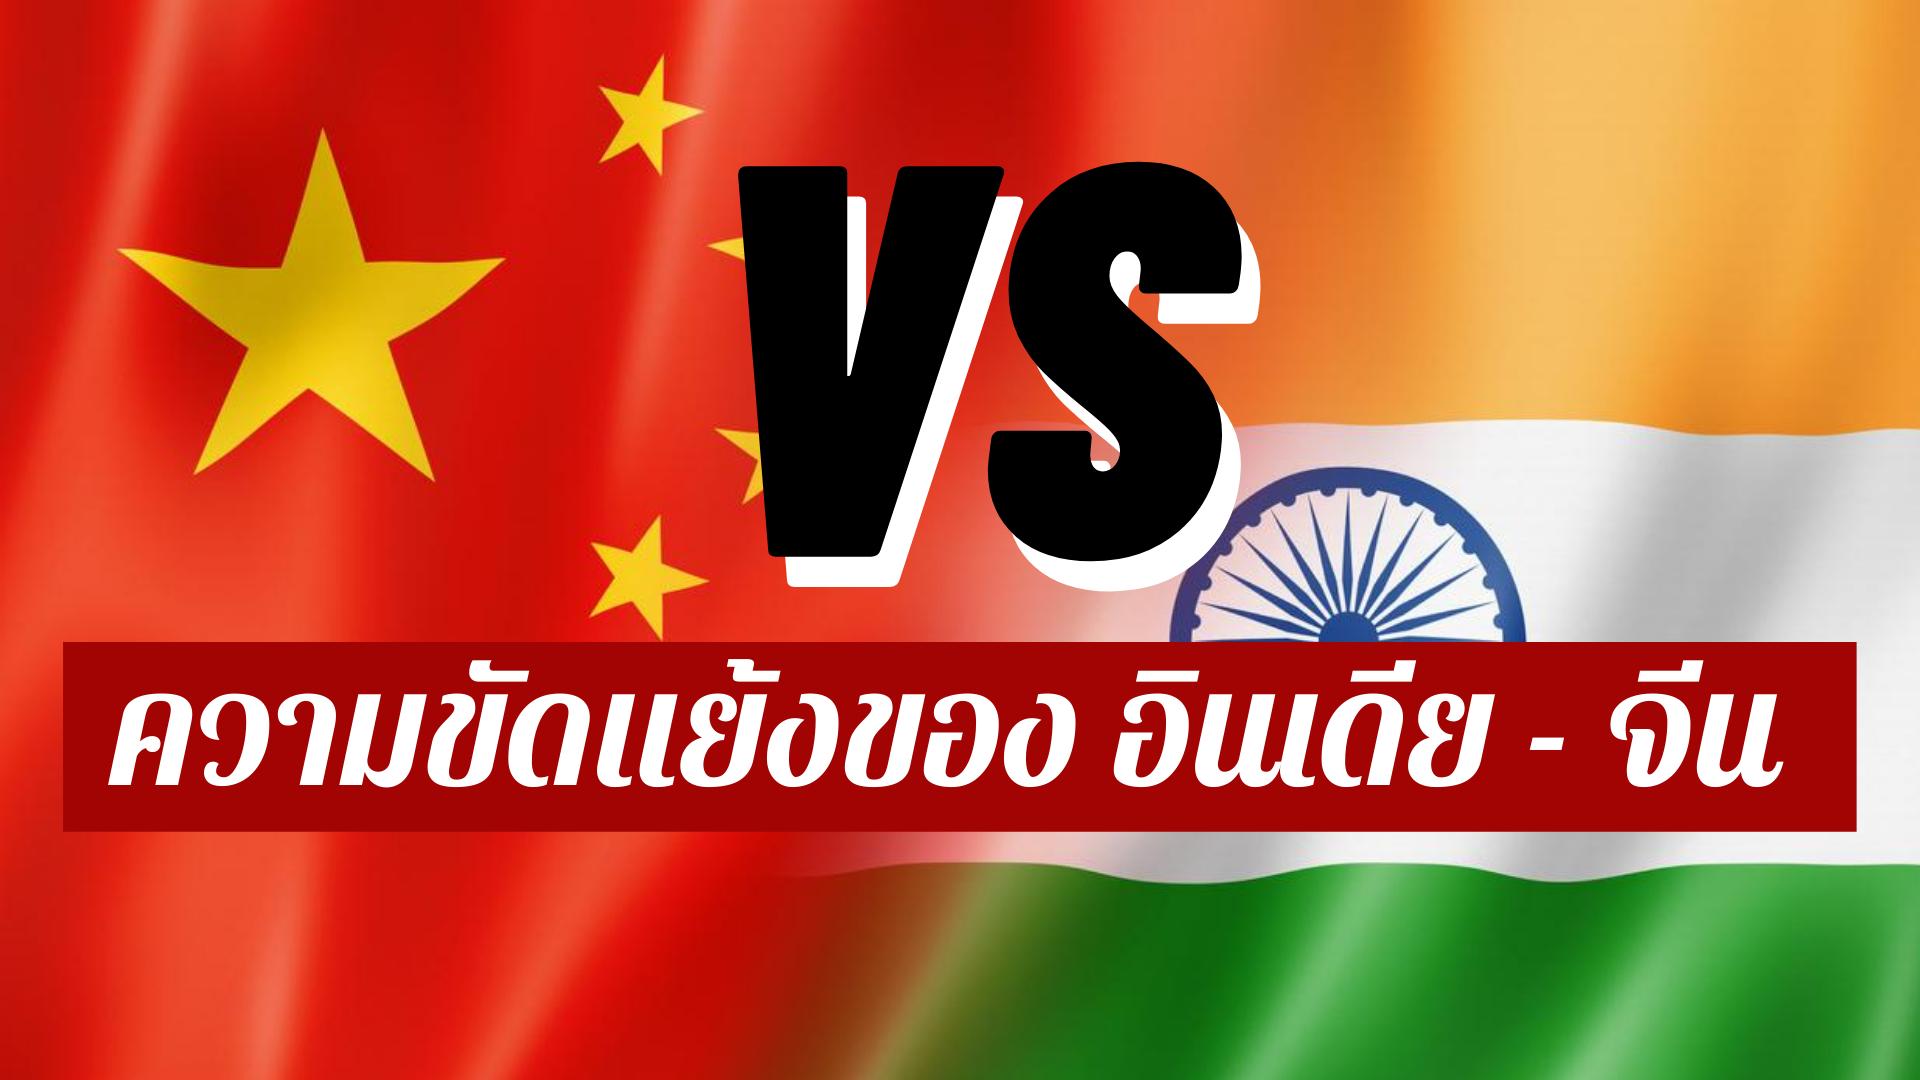 ความขัดแย้งของ อินเดีย - จีน